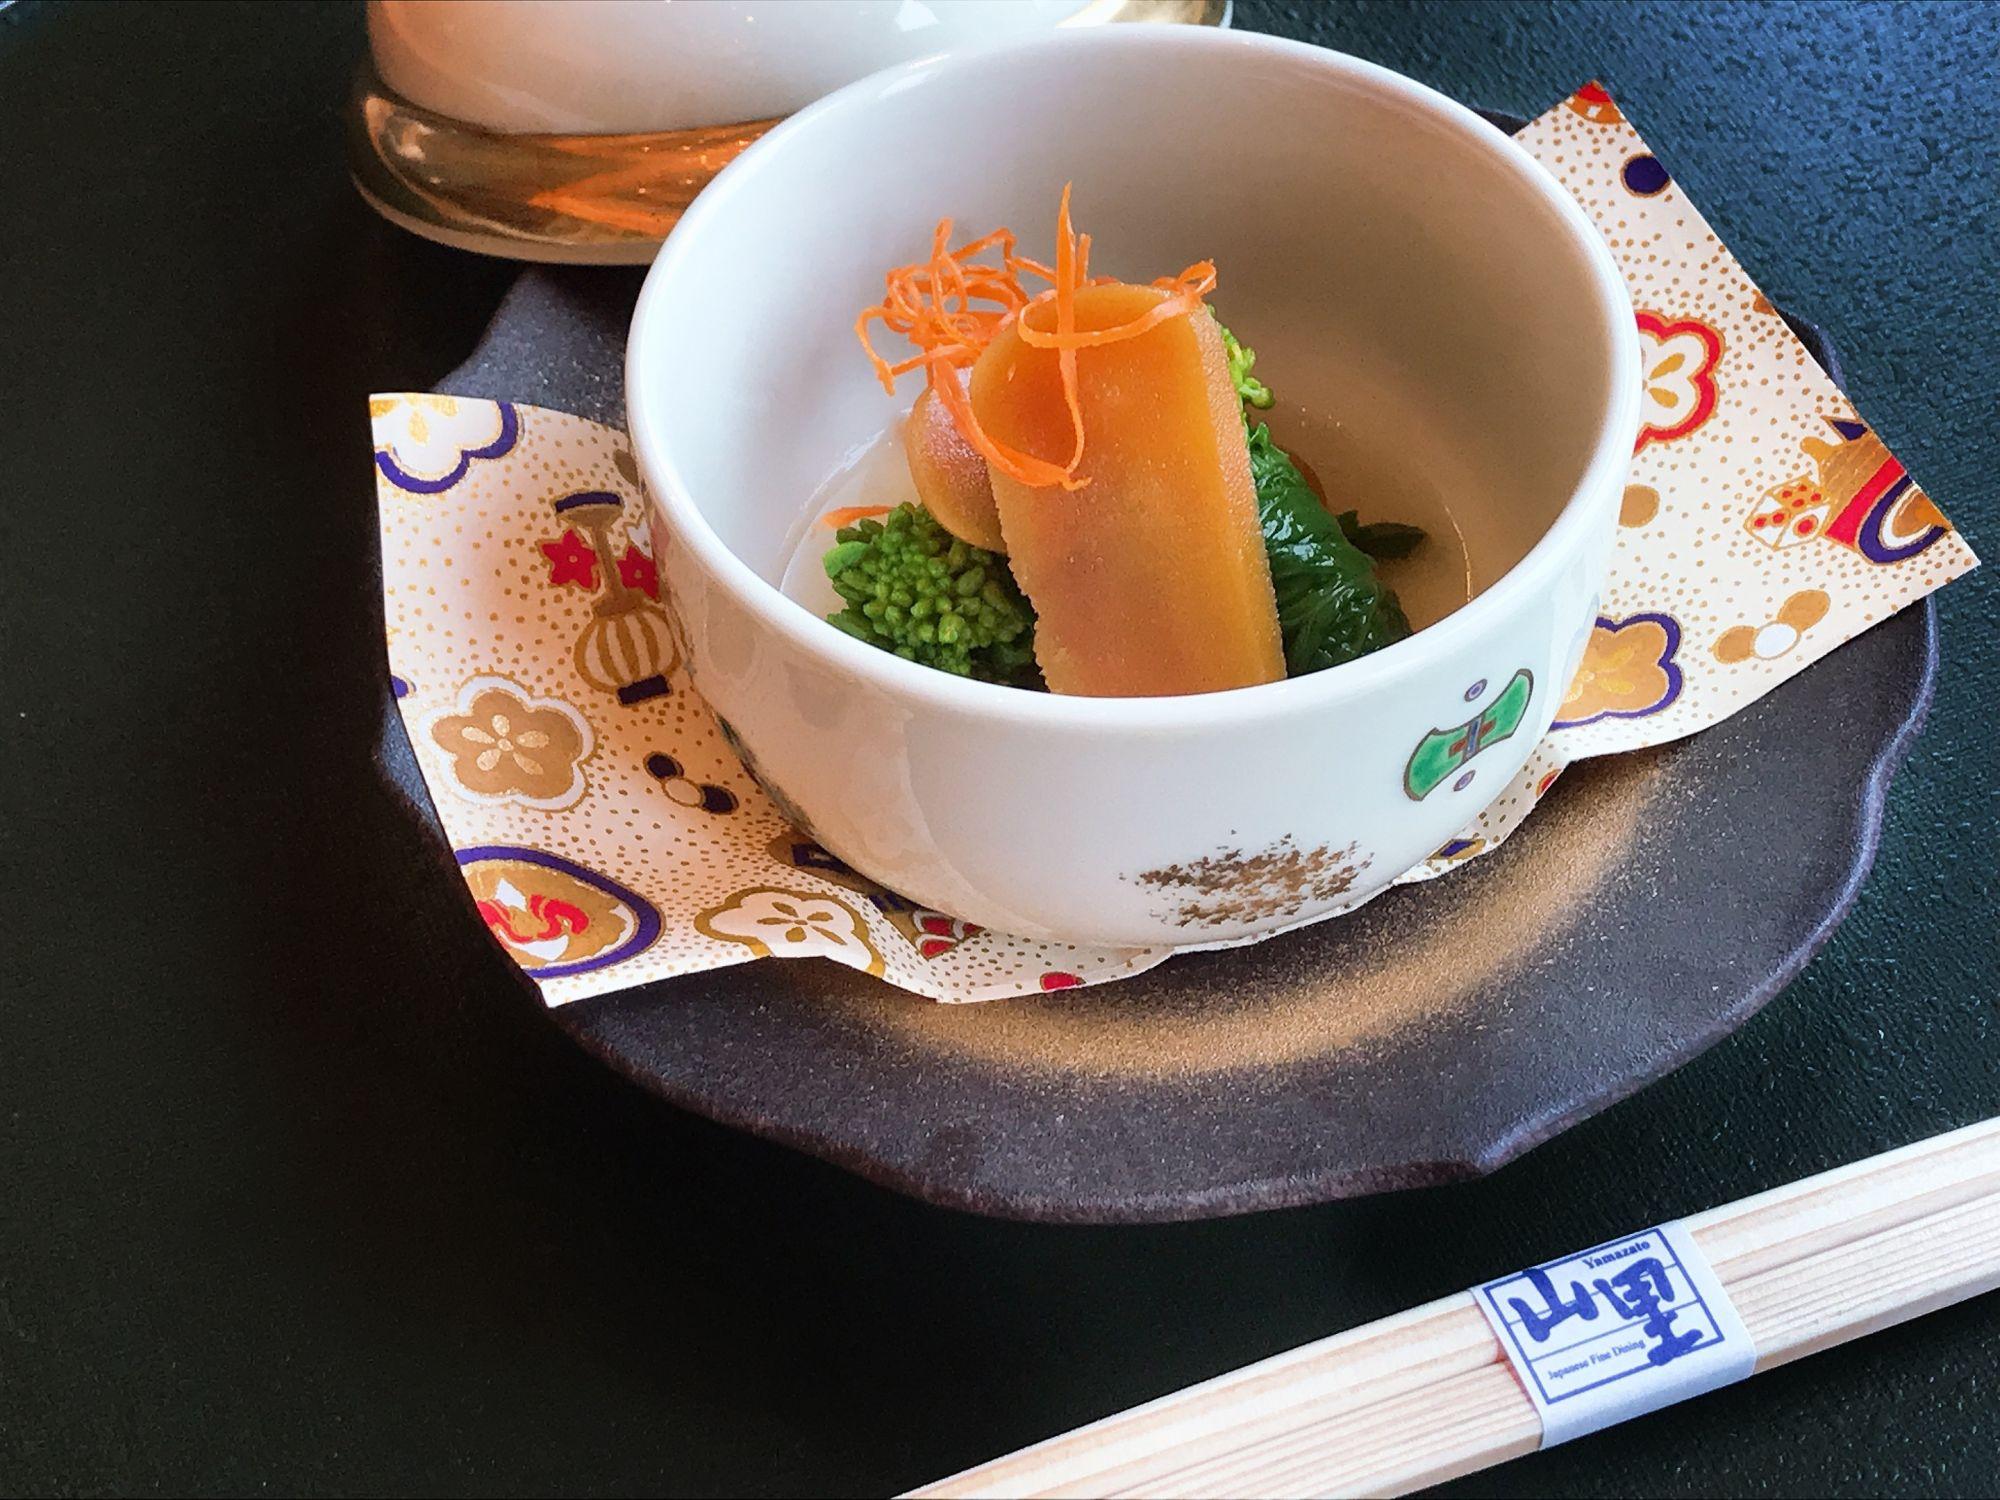 Yamazato Launches Mutsuki Mini Kaiseki Set Lunch